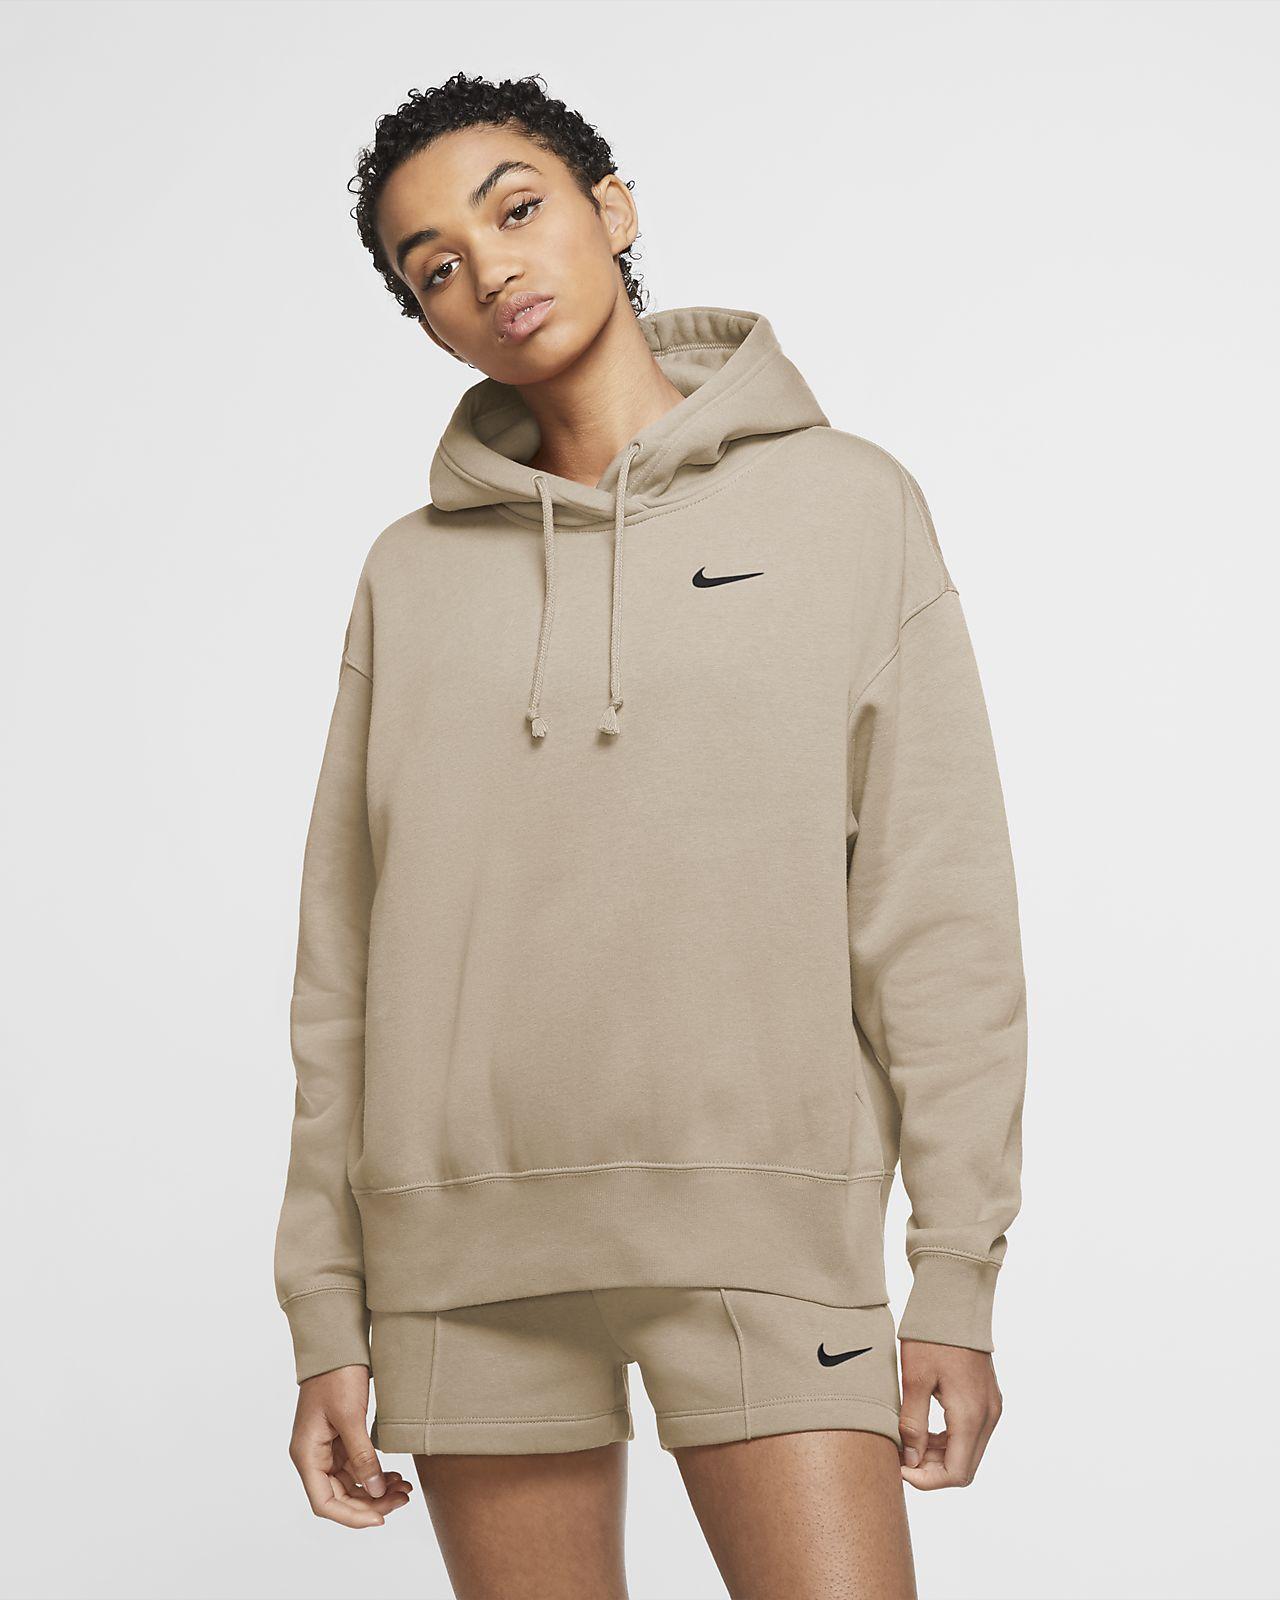 Nike Sportswear Women S Fleece Hoodie Nike Com Nike Hoodies For Women Nike Sportswear Women Fleece Pullover Womens [ 1600 x 1280 Pixel ]